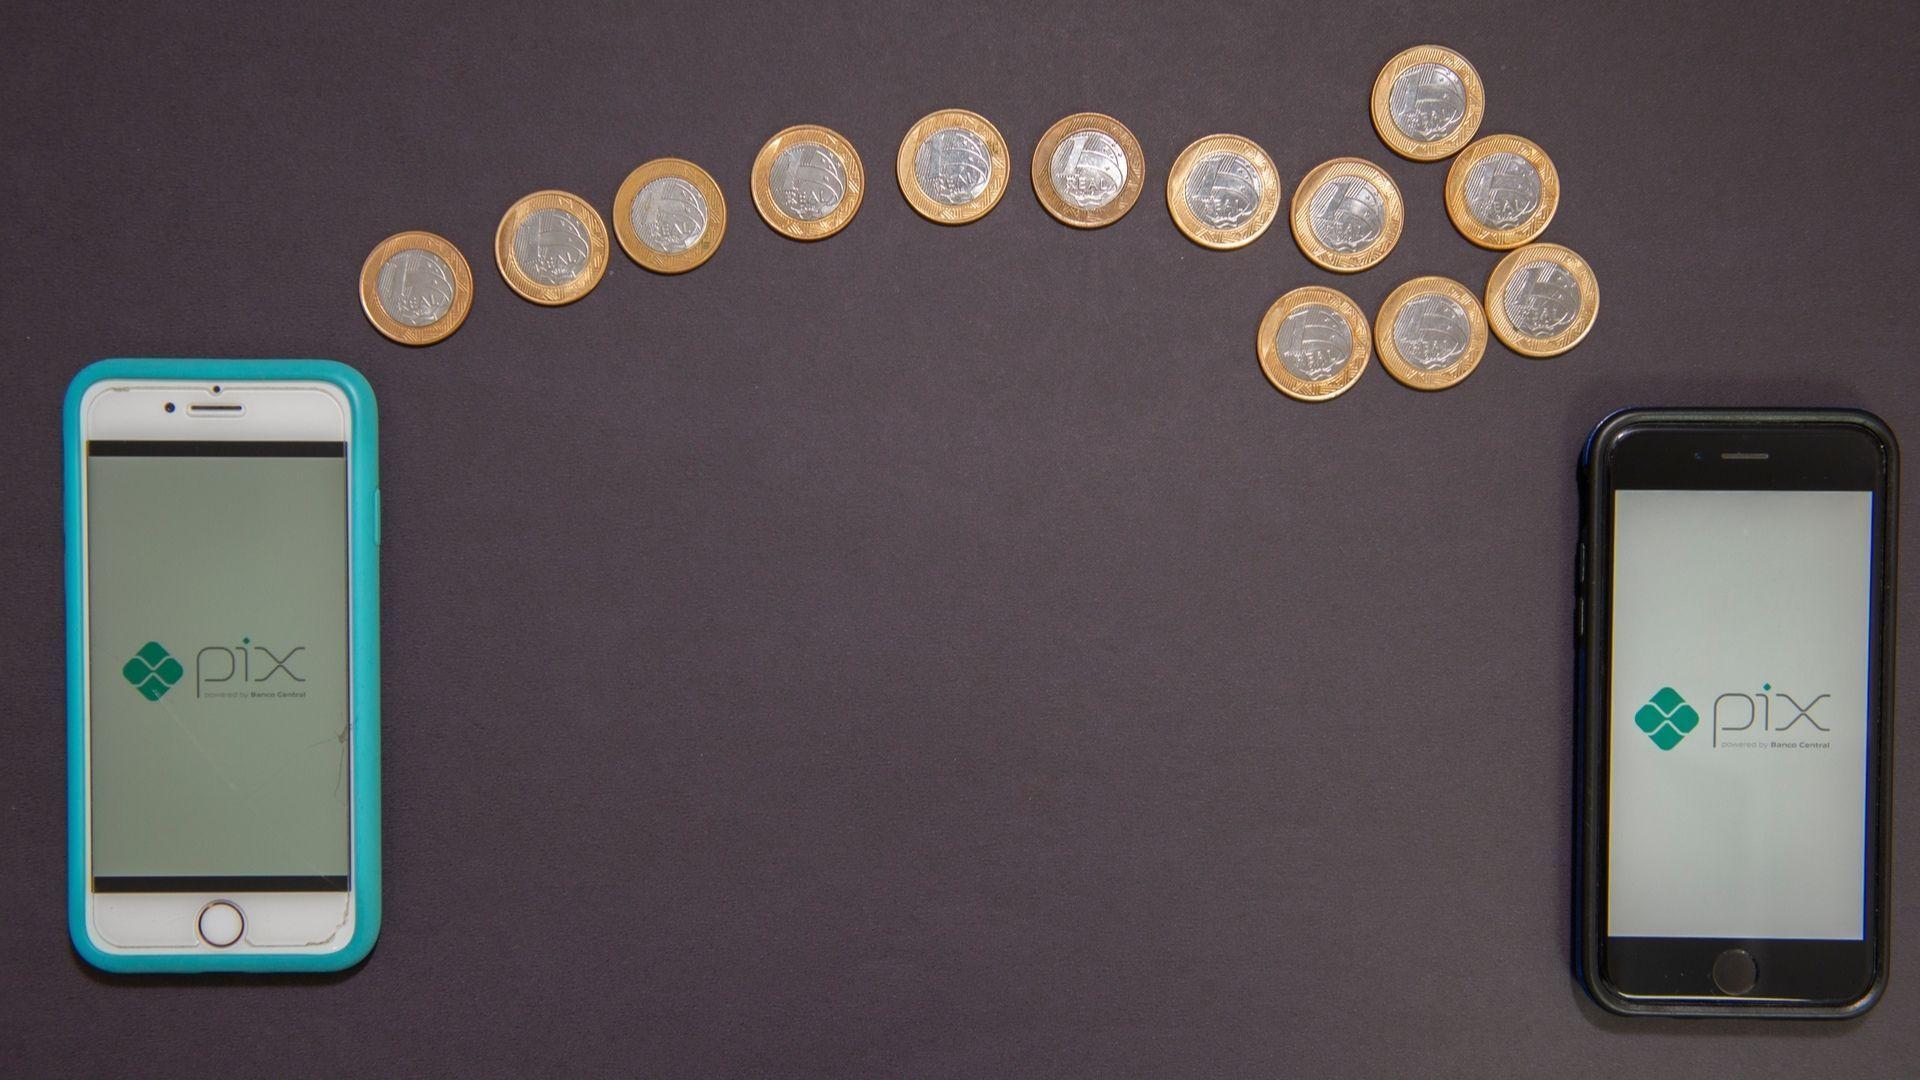 Dois celulares, um em cada canto da imagem, com uma seta feita de moedas de um real ligando um ao outro